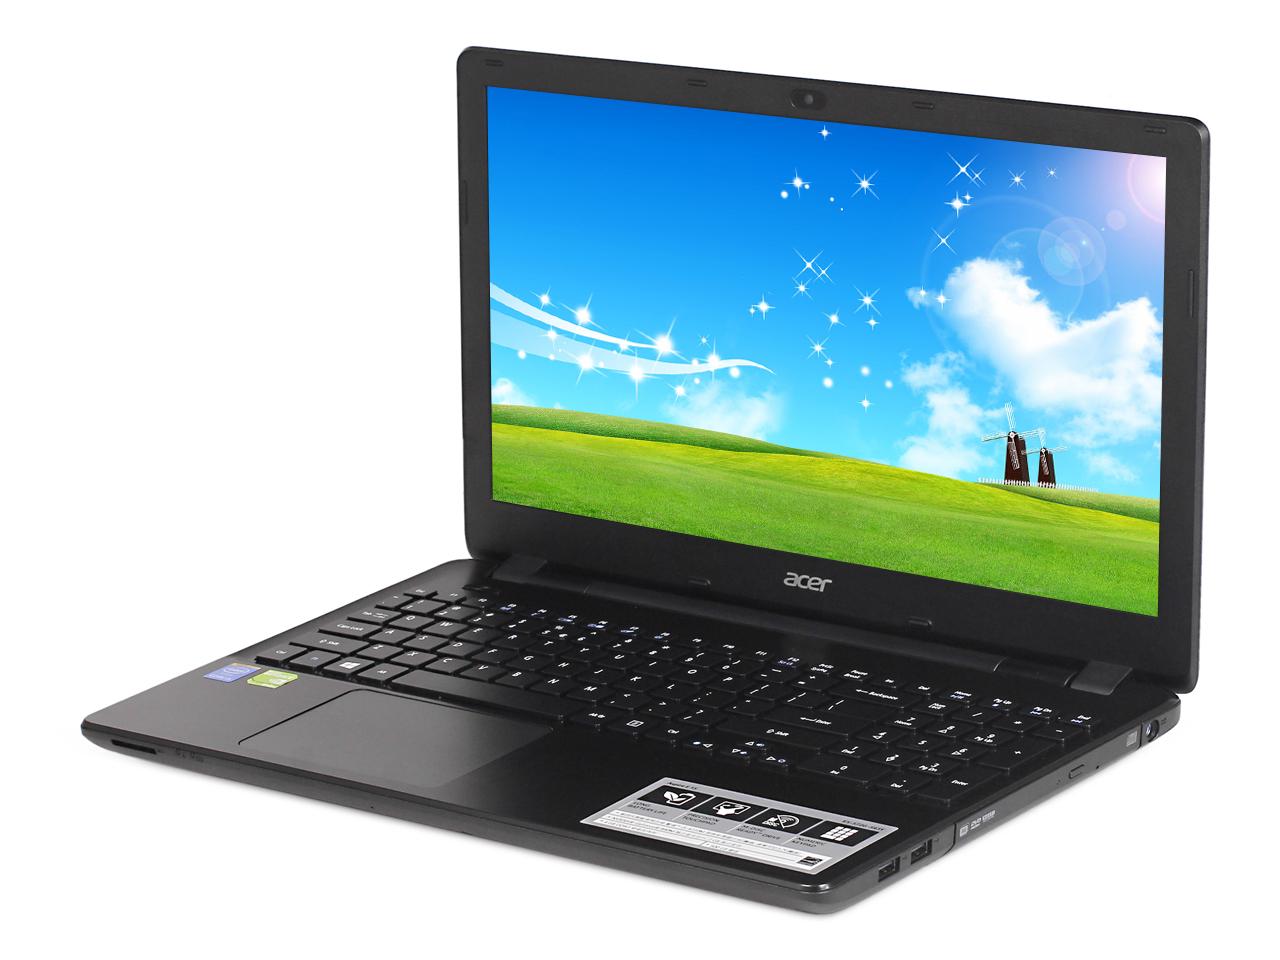 Acer E5-573G-5274